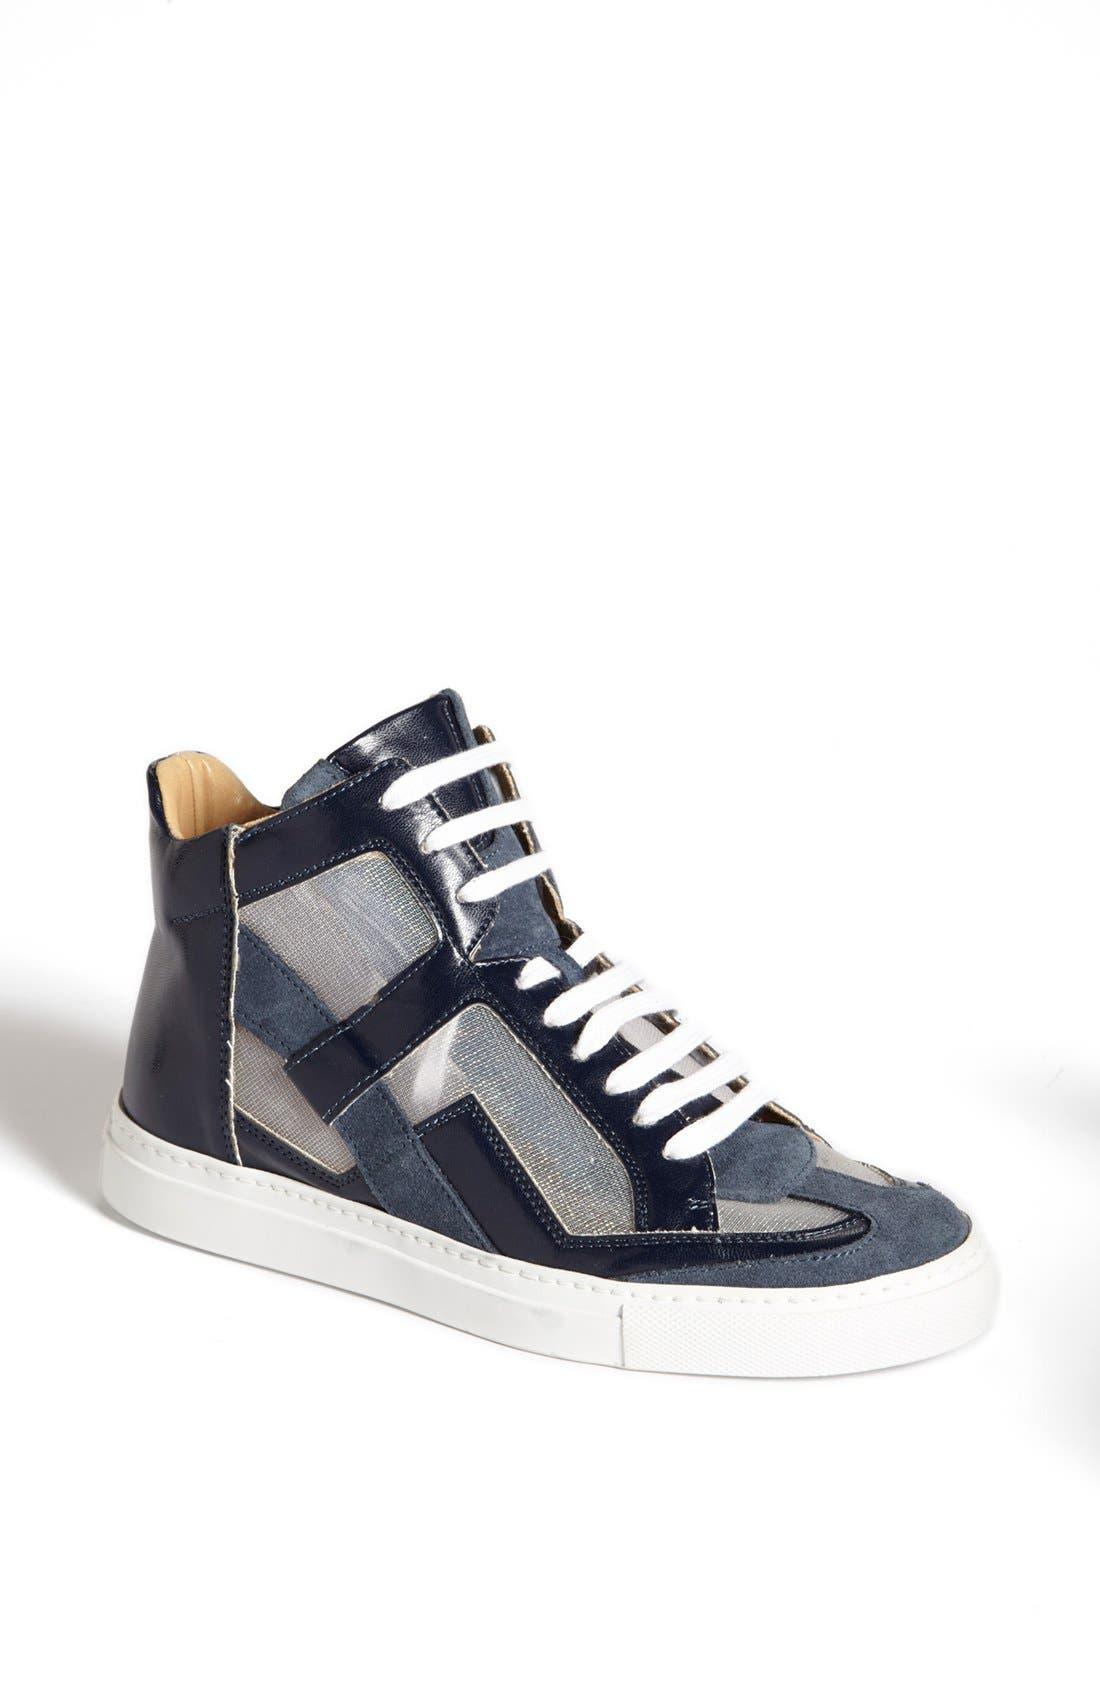 Alternate Image 1 Selected - MM6 Maison Margiela Sneaker